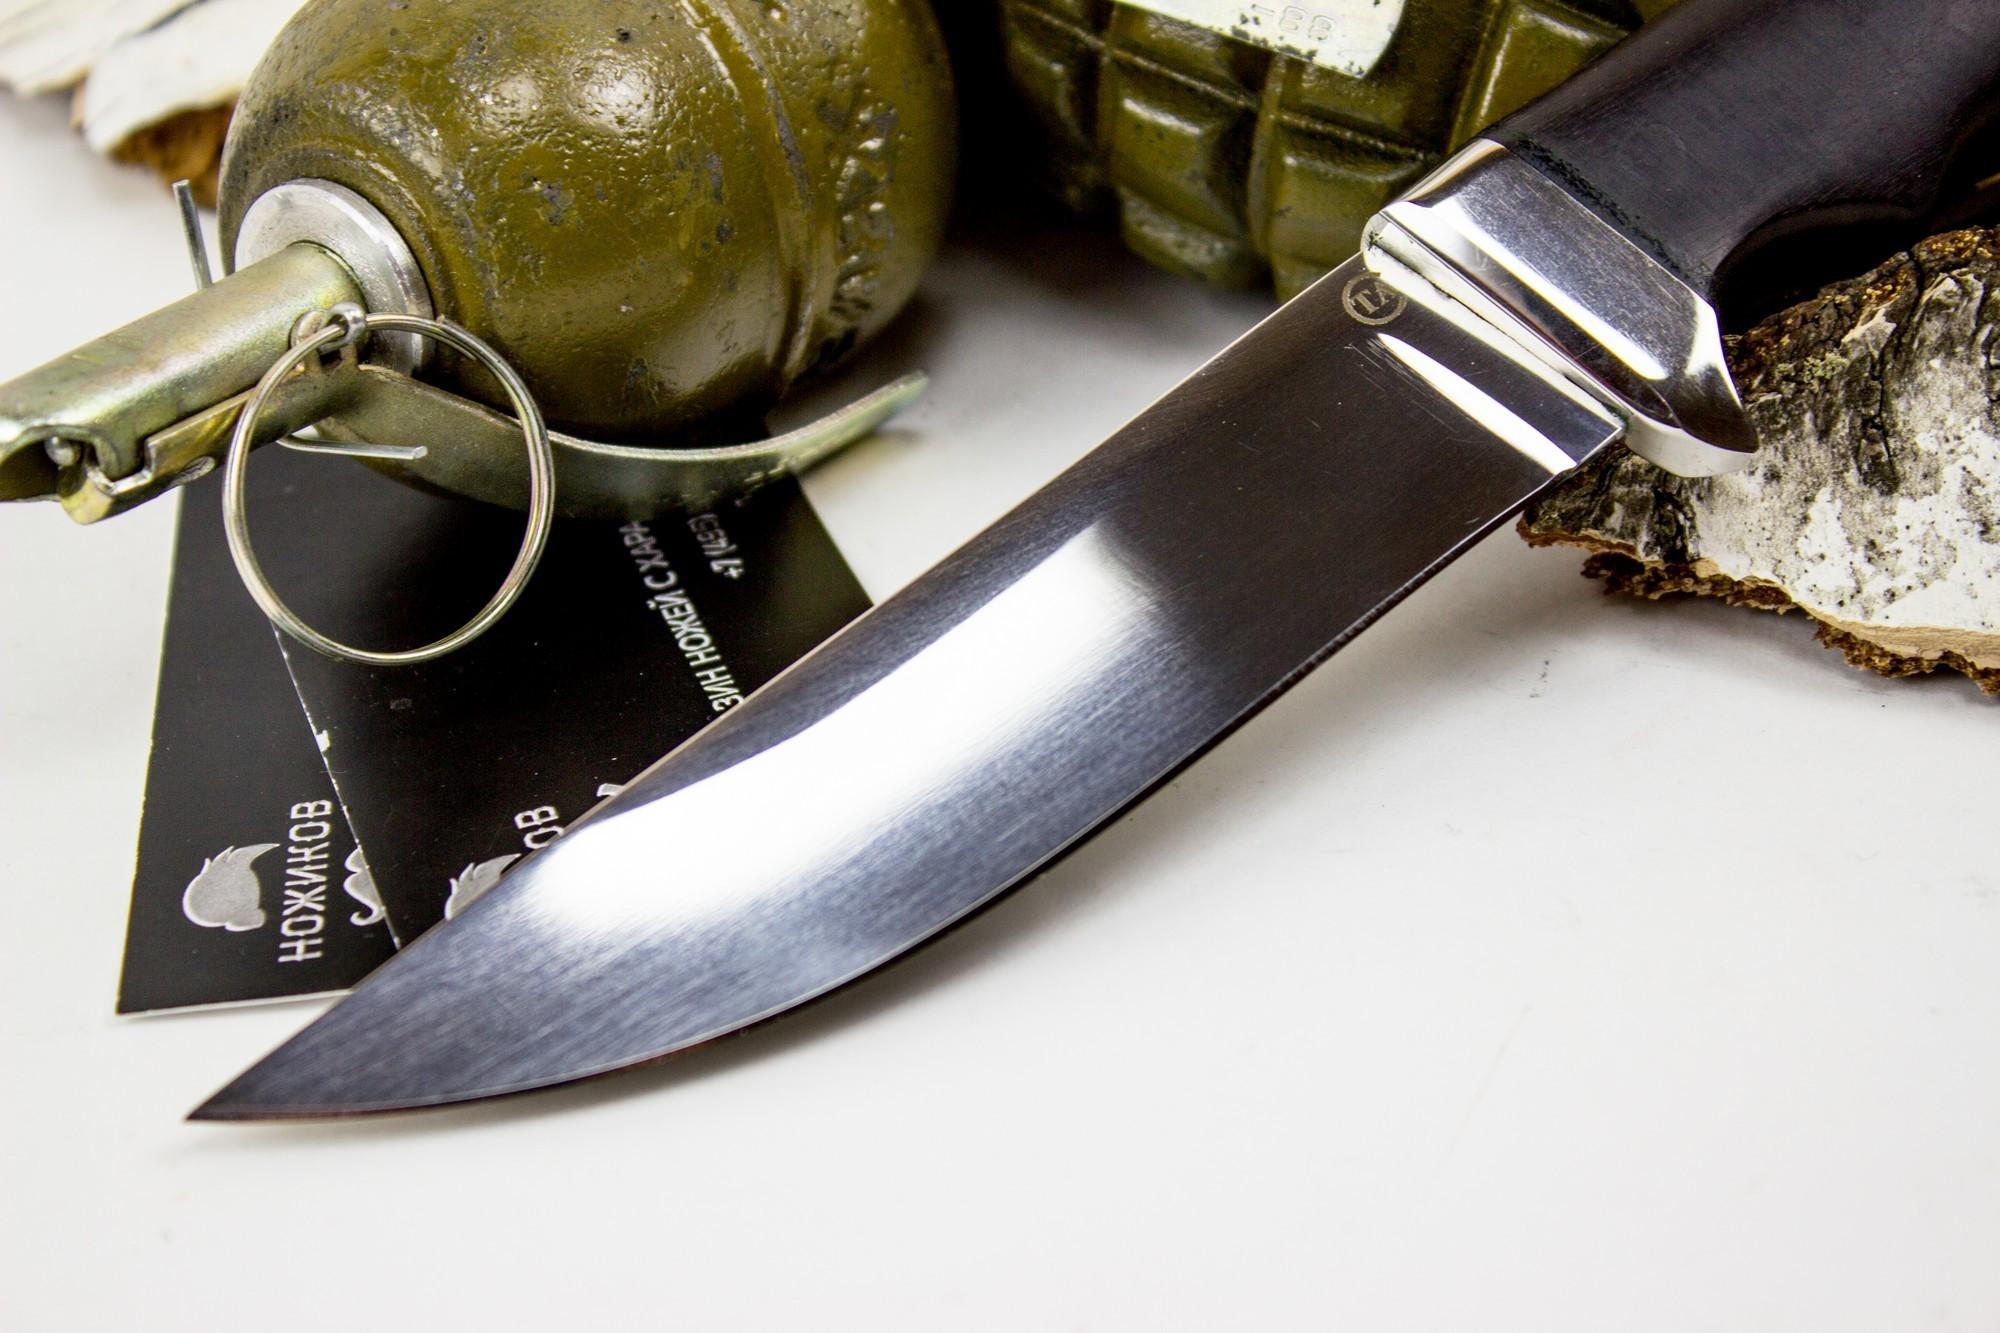 Нож Кобра-3, сталь 95х18, дерево